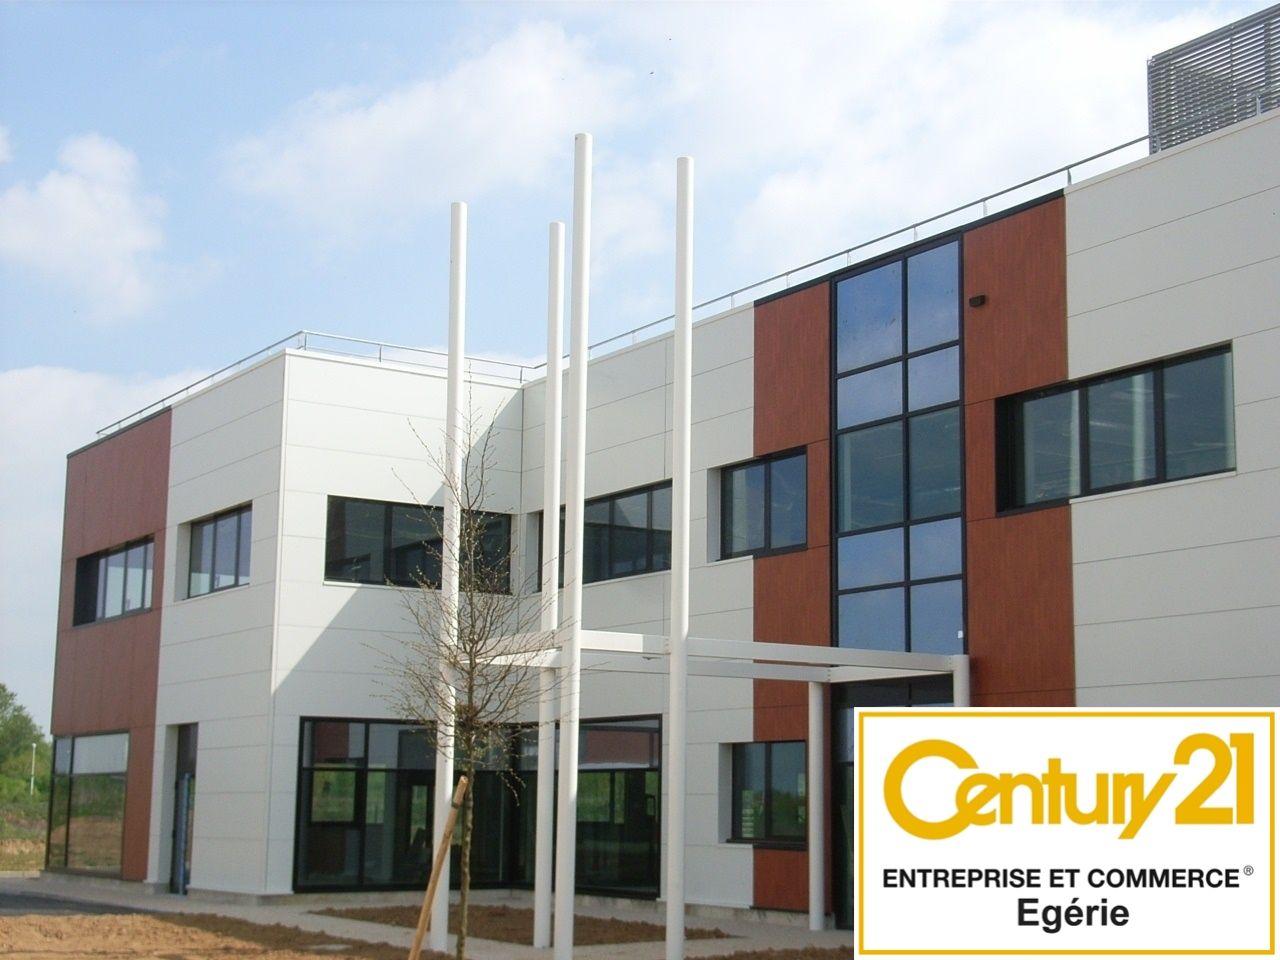 Location entreprise - Seine-et-Marne (77) - 42.0 m²